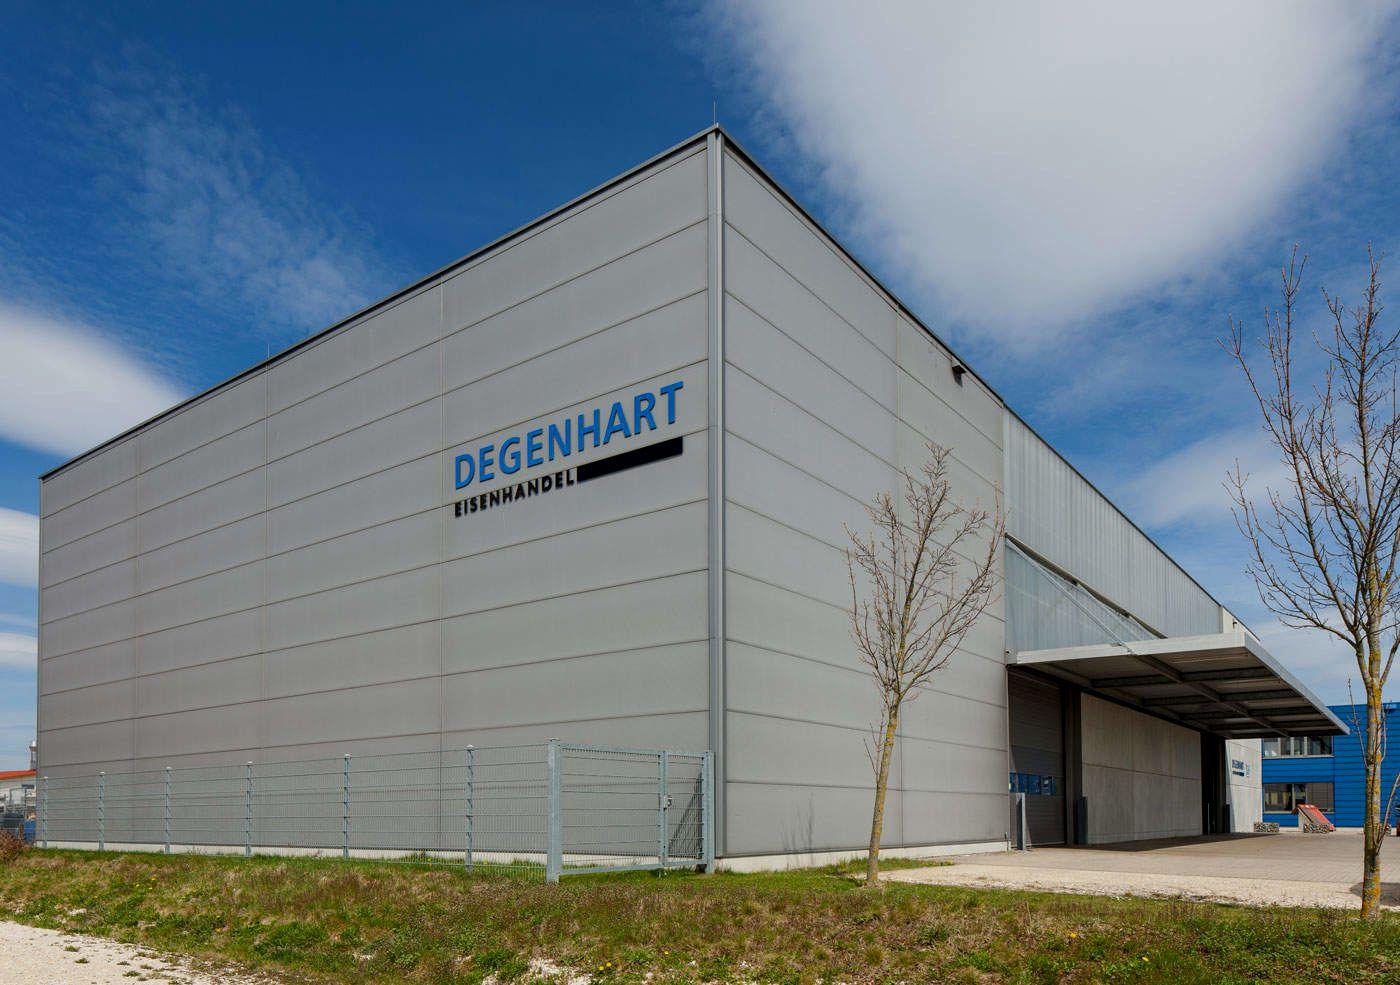 Degenhart Eisenhandel